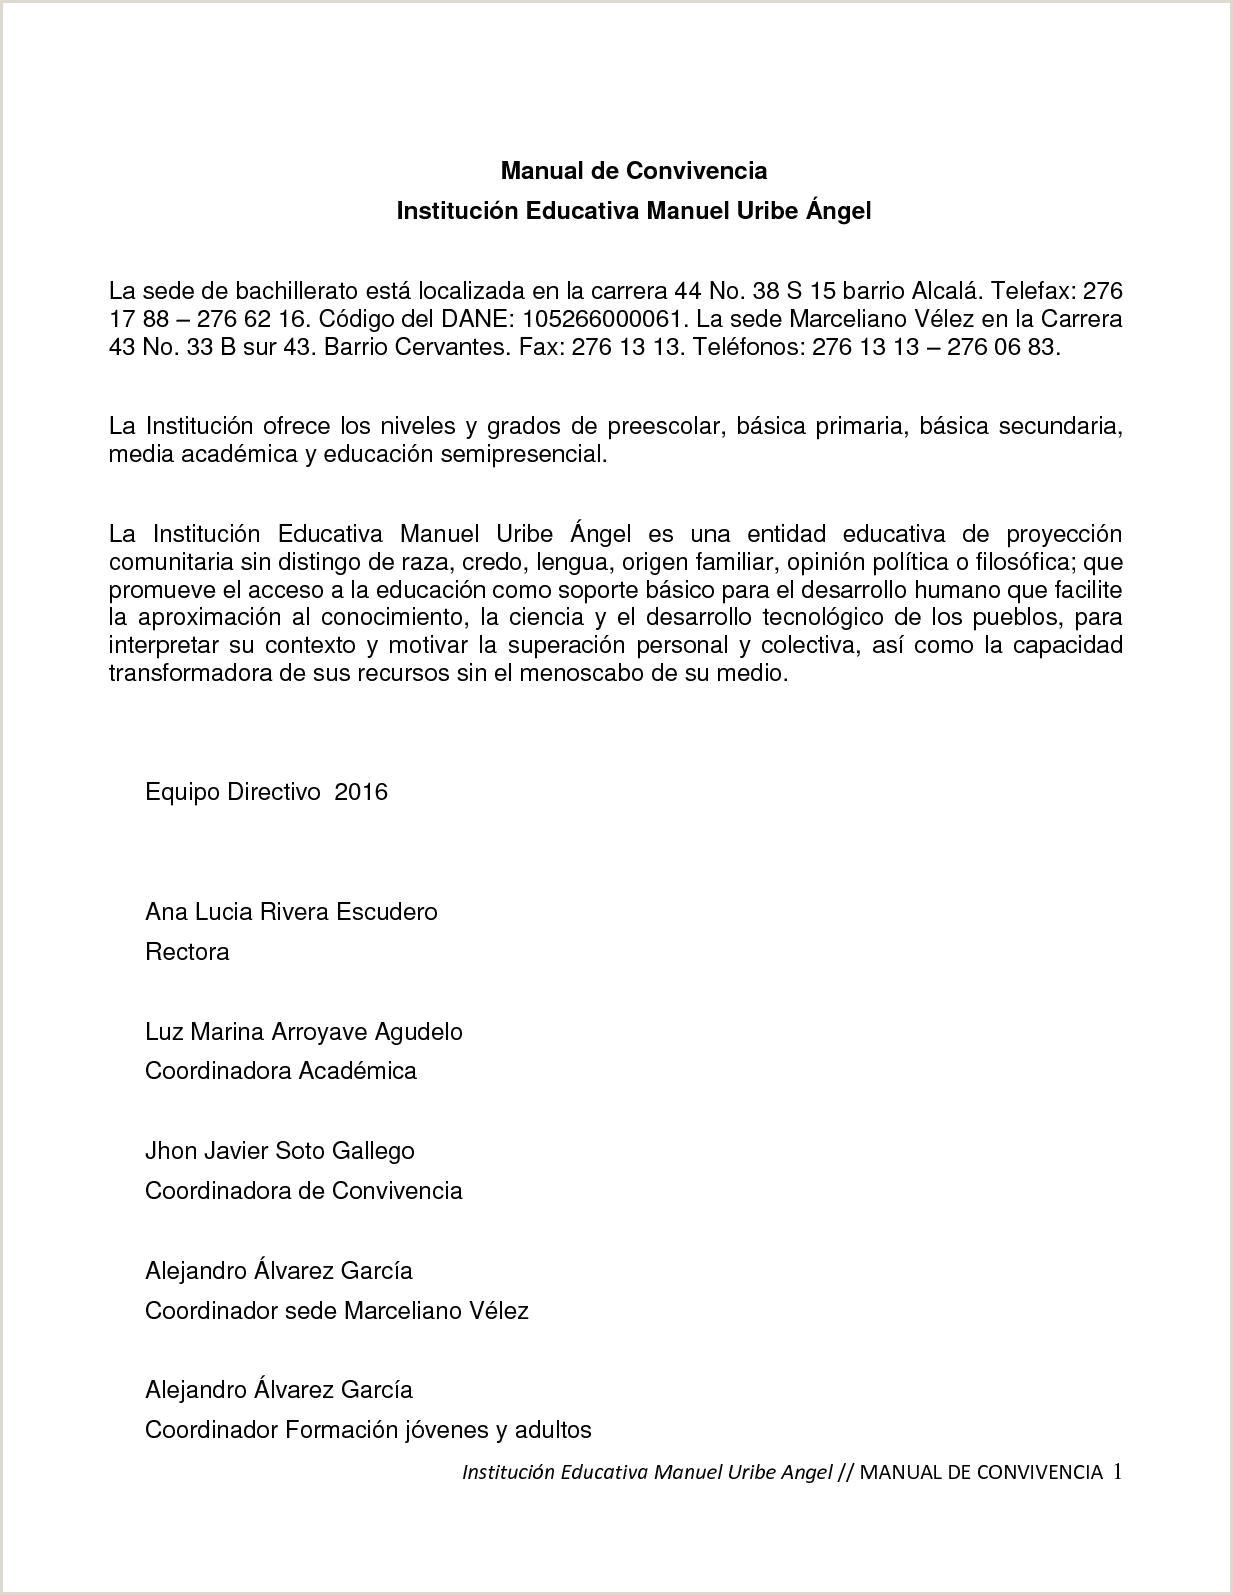 Formato Hoja De Vida Rama Judicial Jueces Calaméo Manual De Convivencia Mua 2017